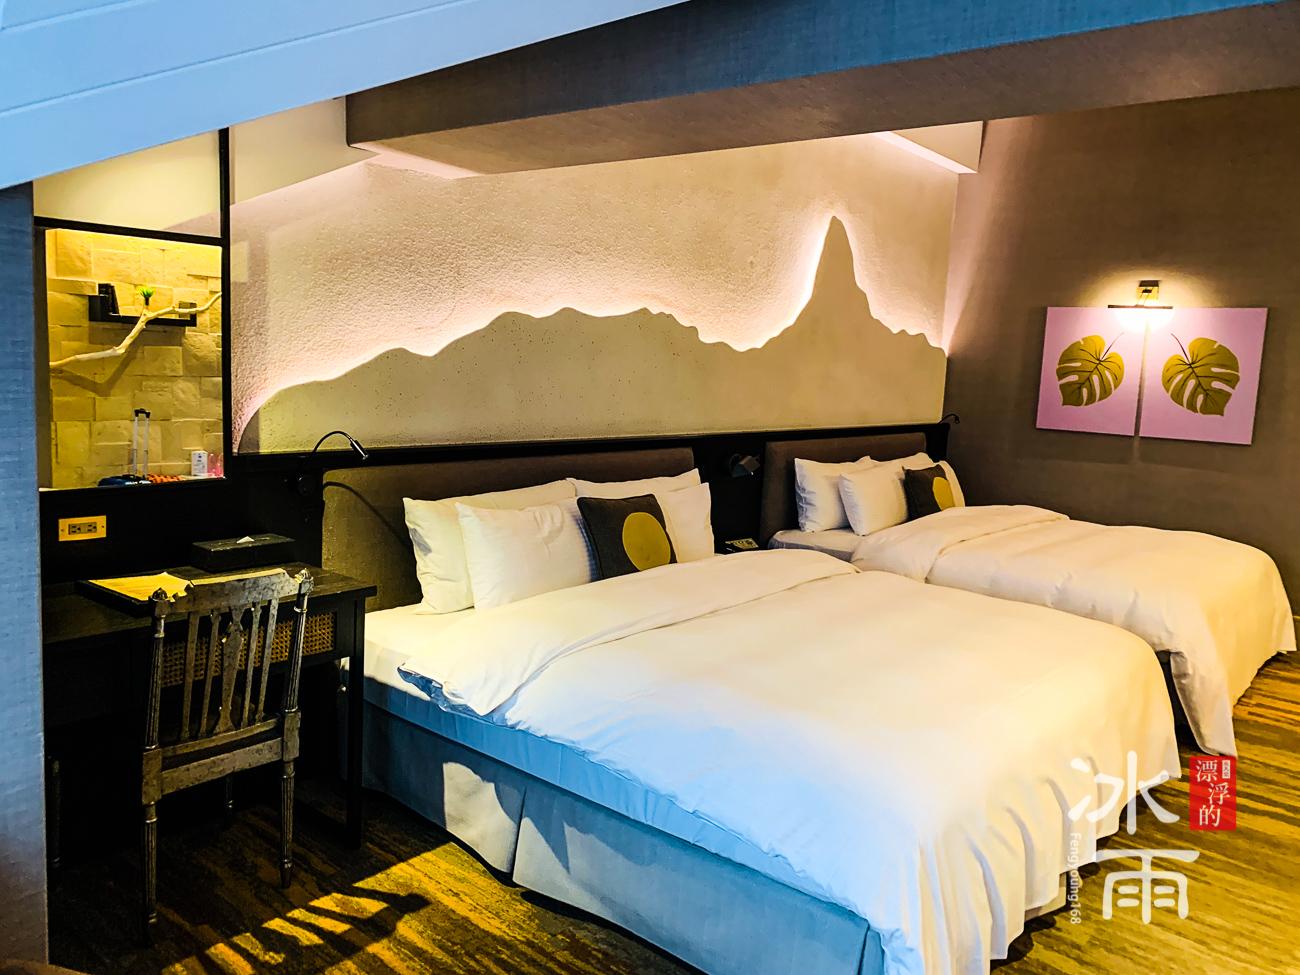 陽明山天籟渡假酒店|床頭裝飾草山風情